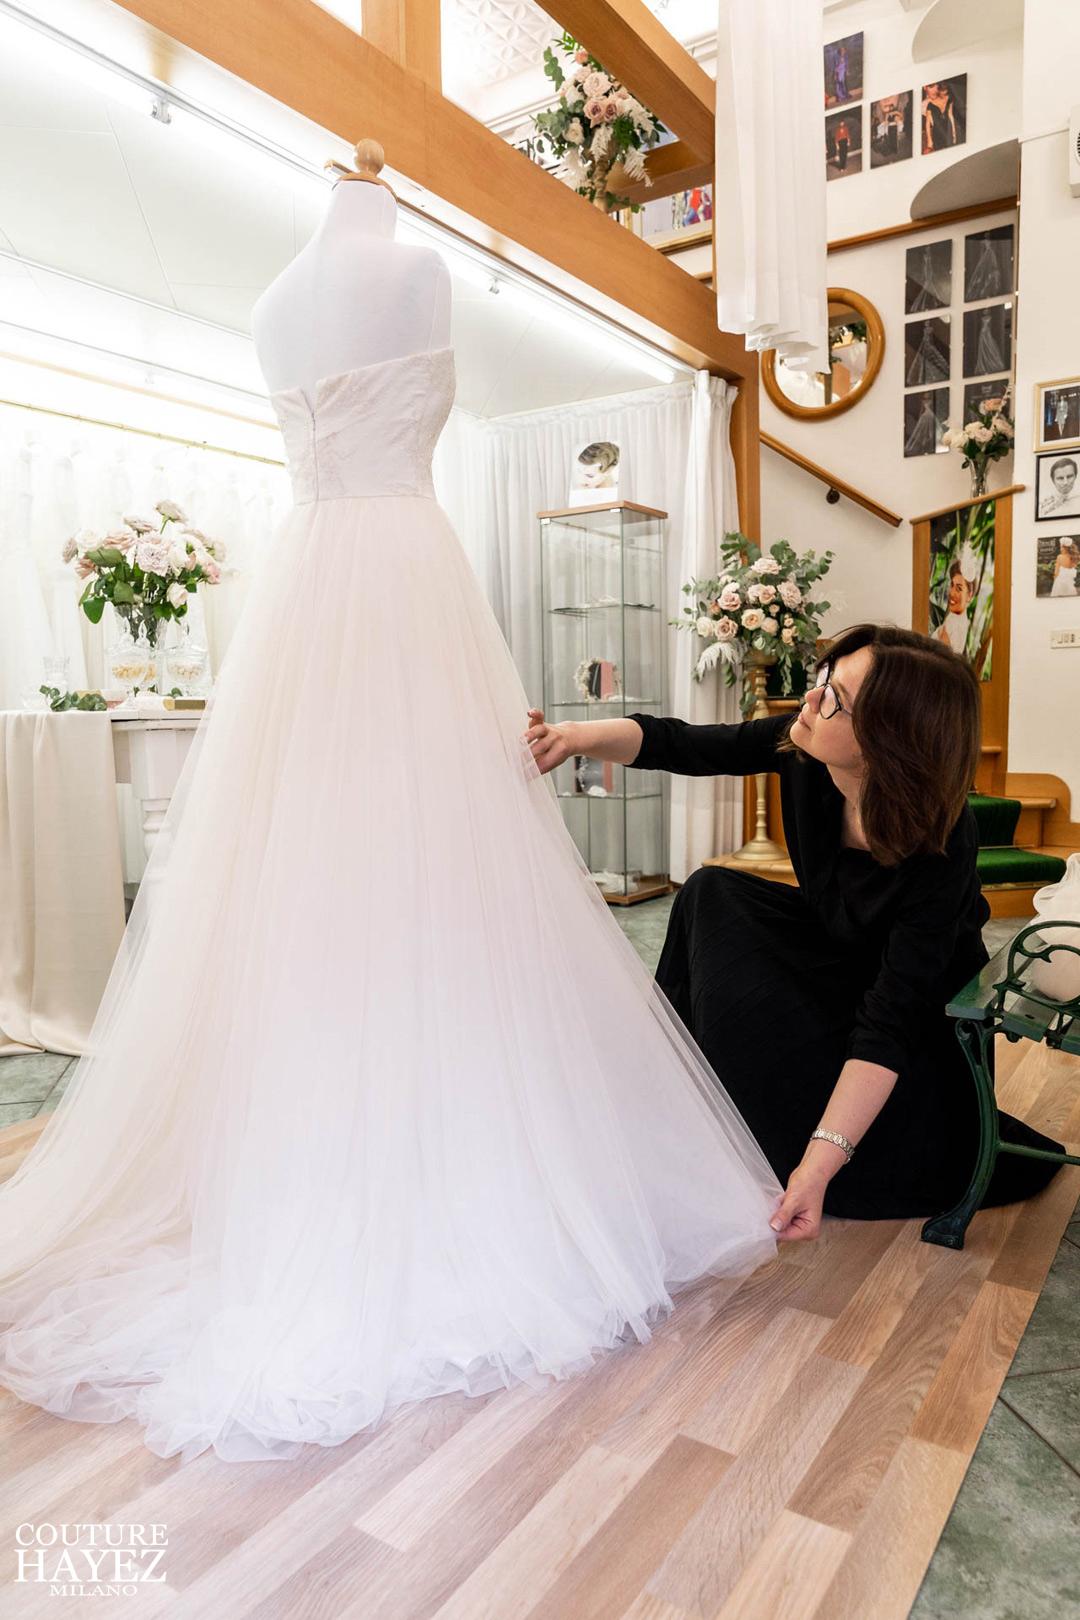 abito da sposa in atelier couture hayez, abito in tulle rosa cipria a milano , bridal designer milano